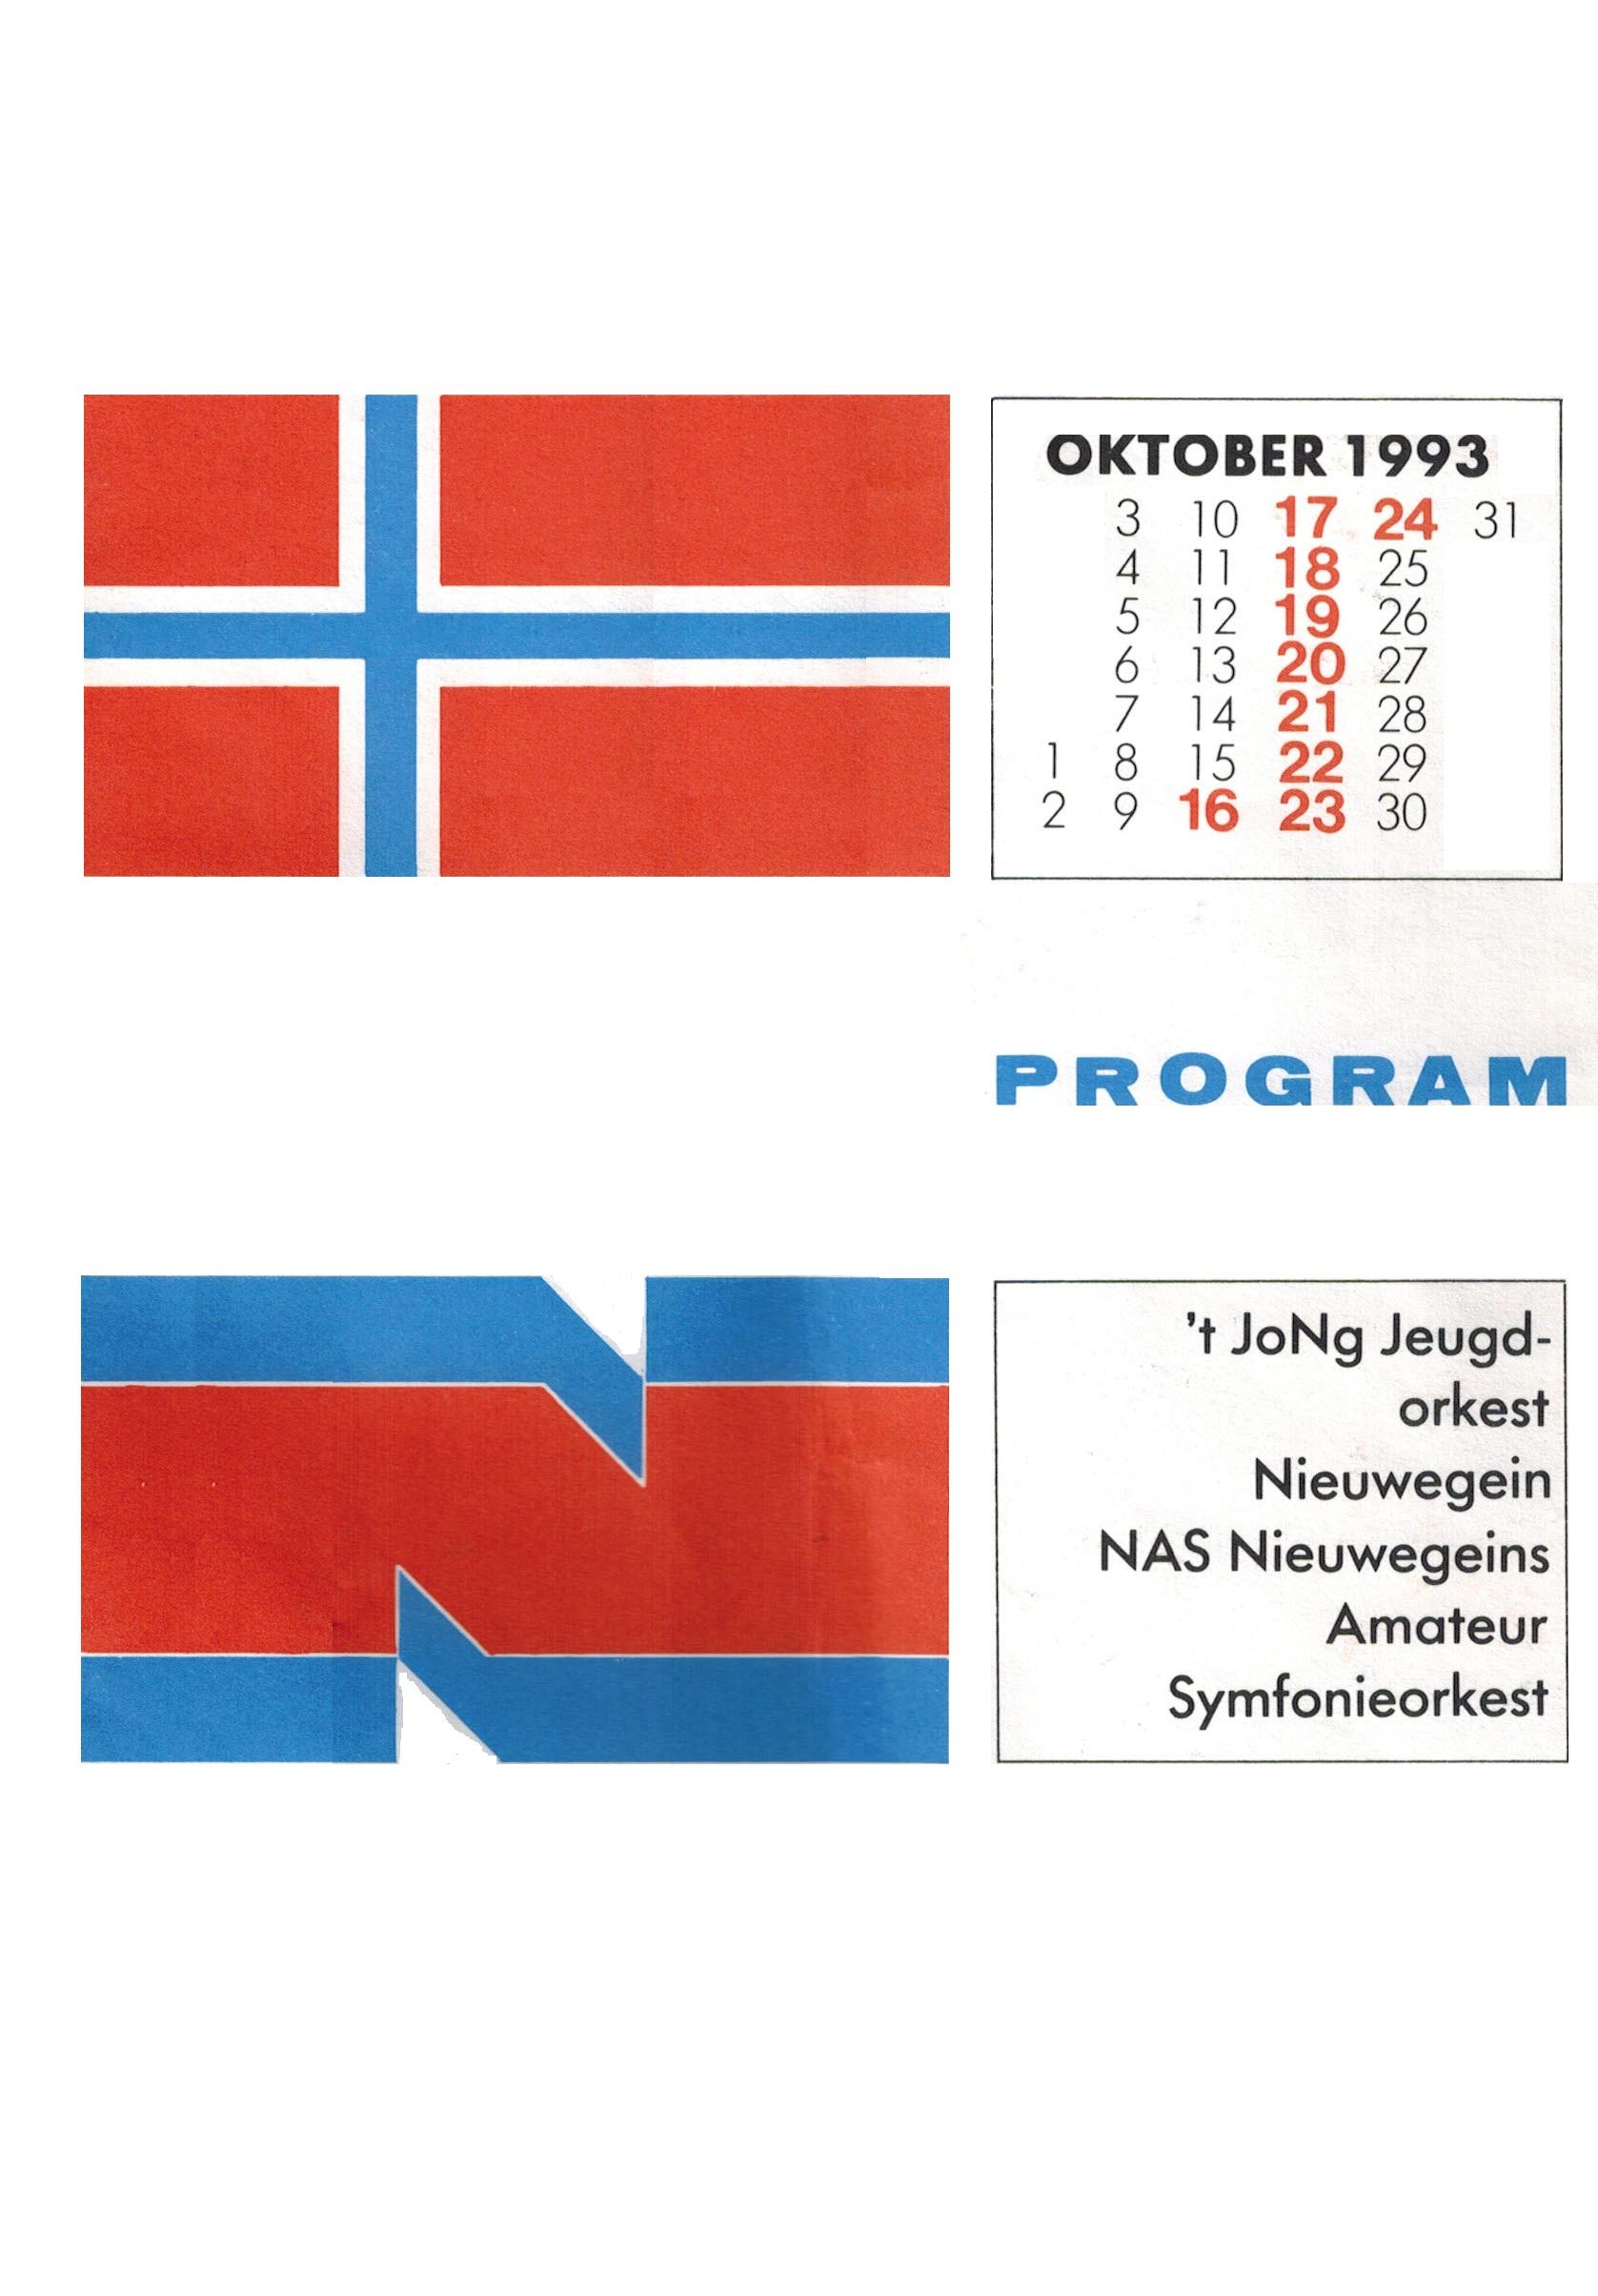 19931016_Noorwegen